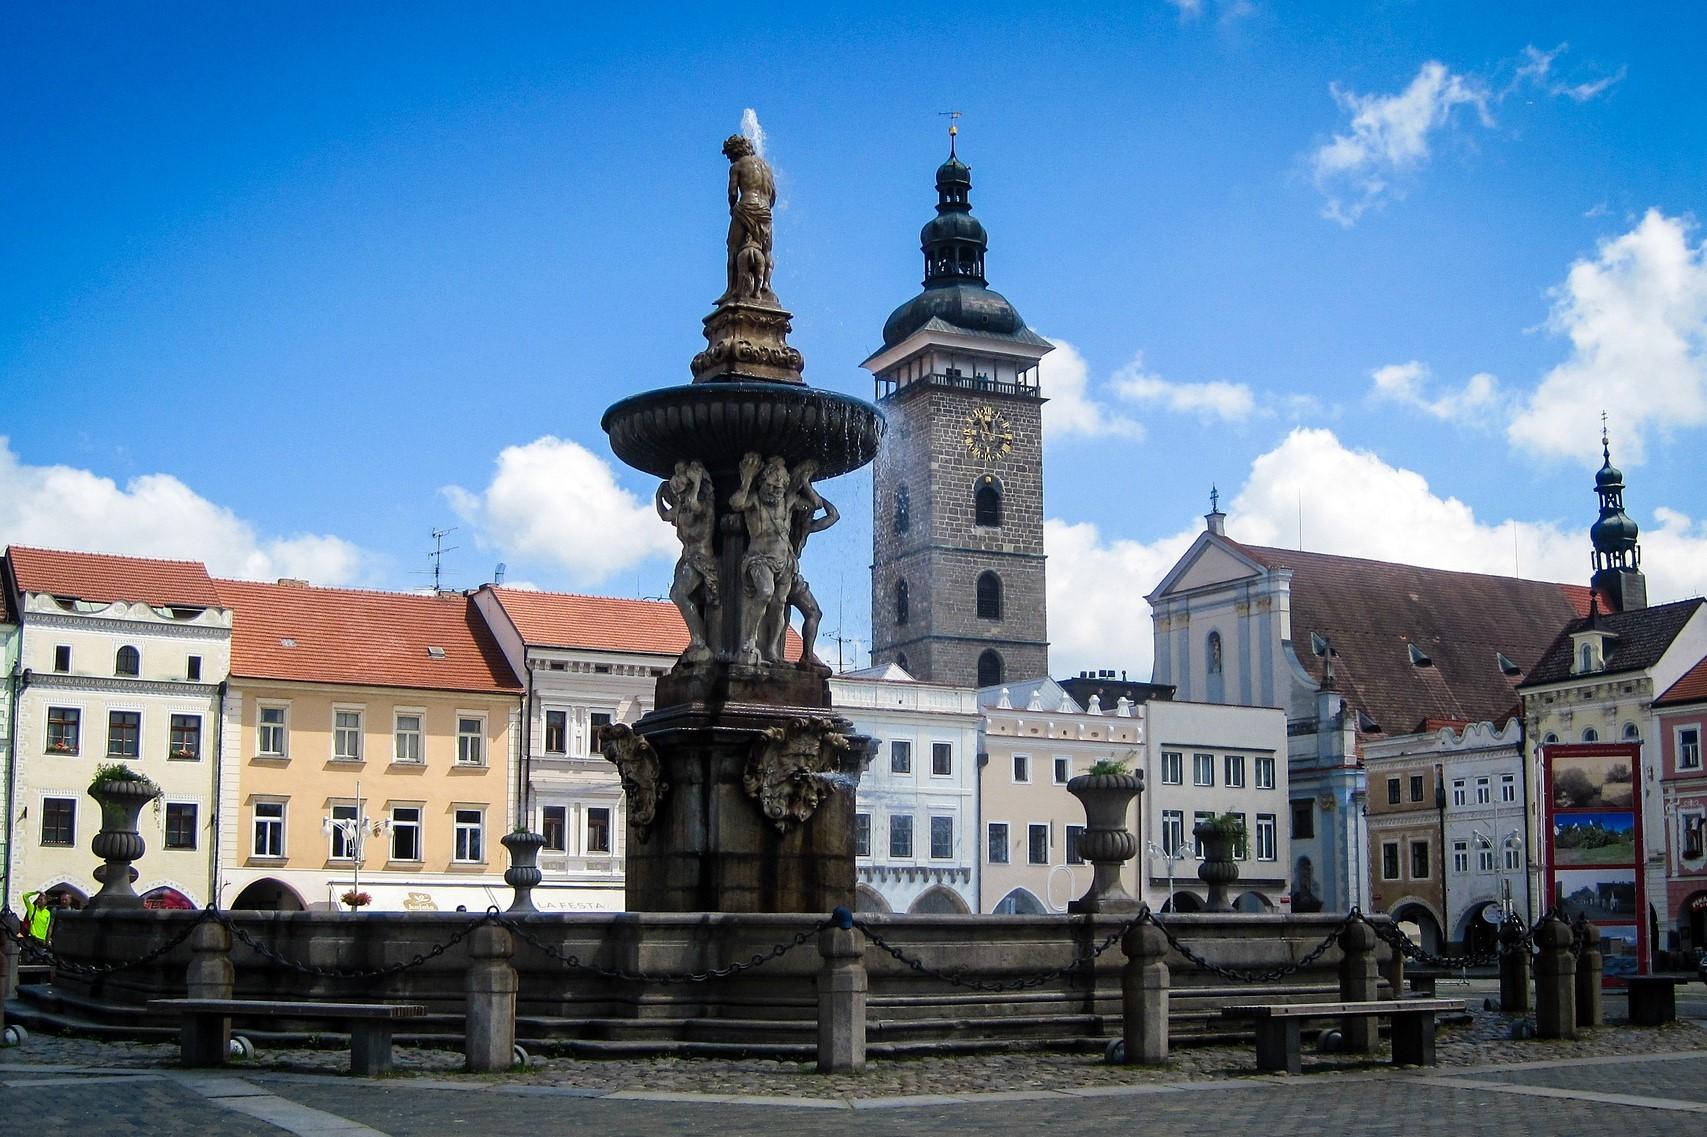 Largest square in Czech Republic in České Budějovice